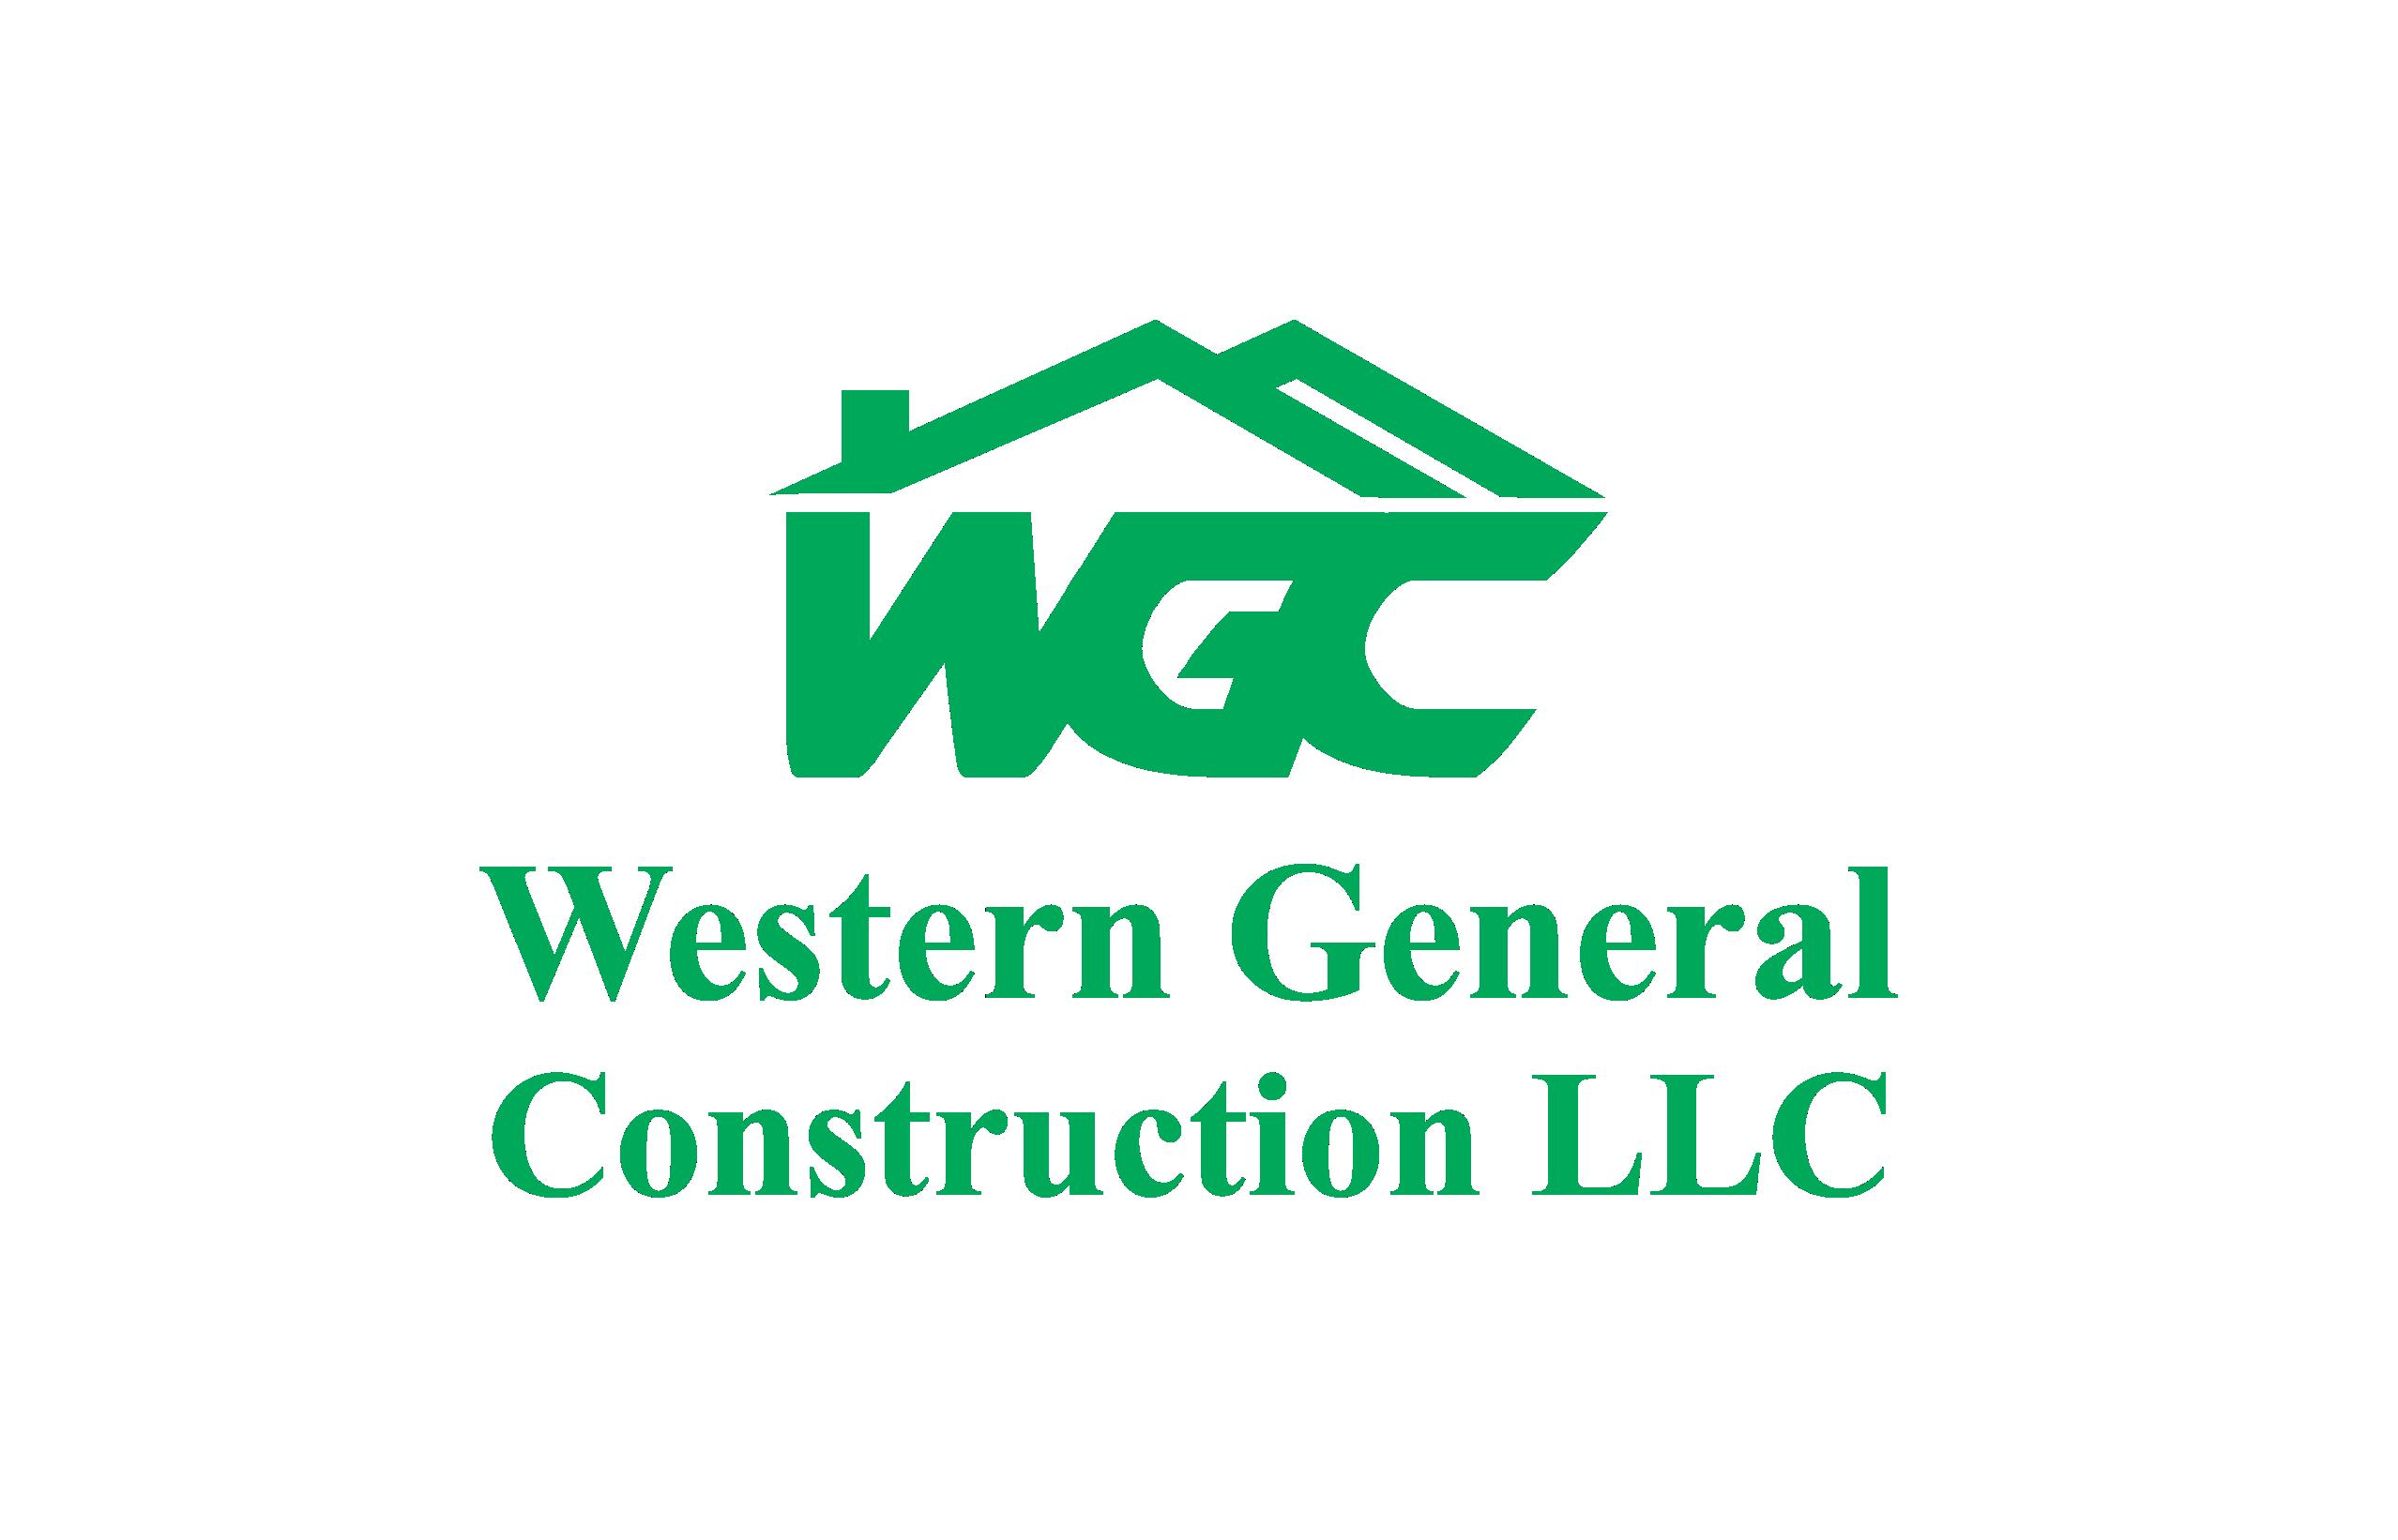 Western General Construction LLC logo